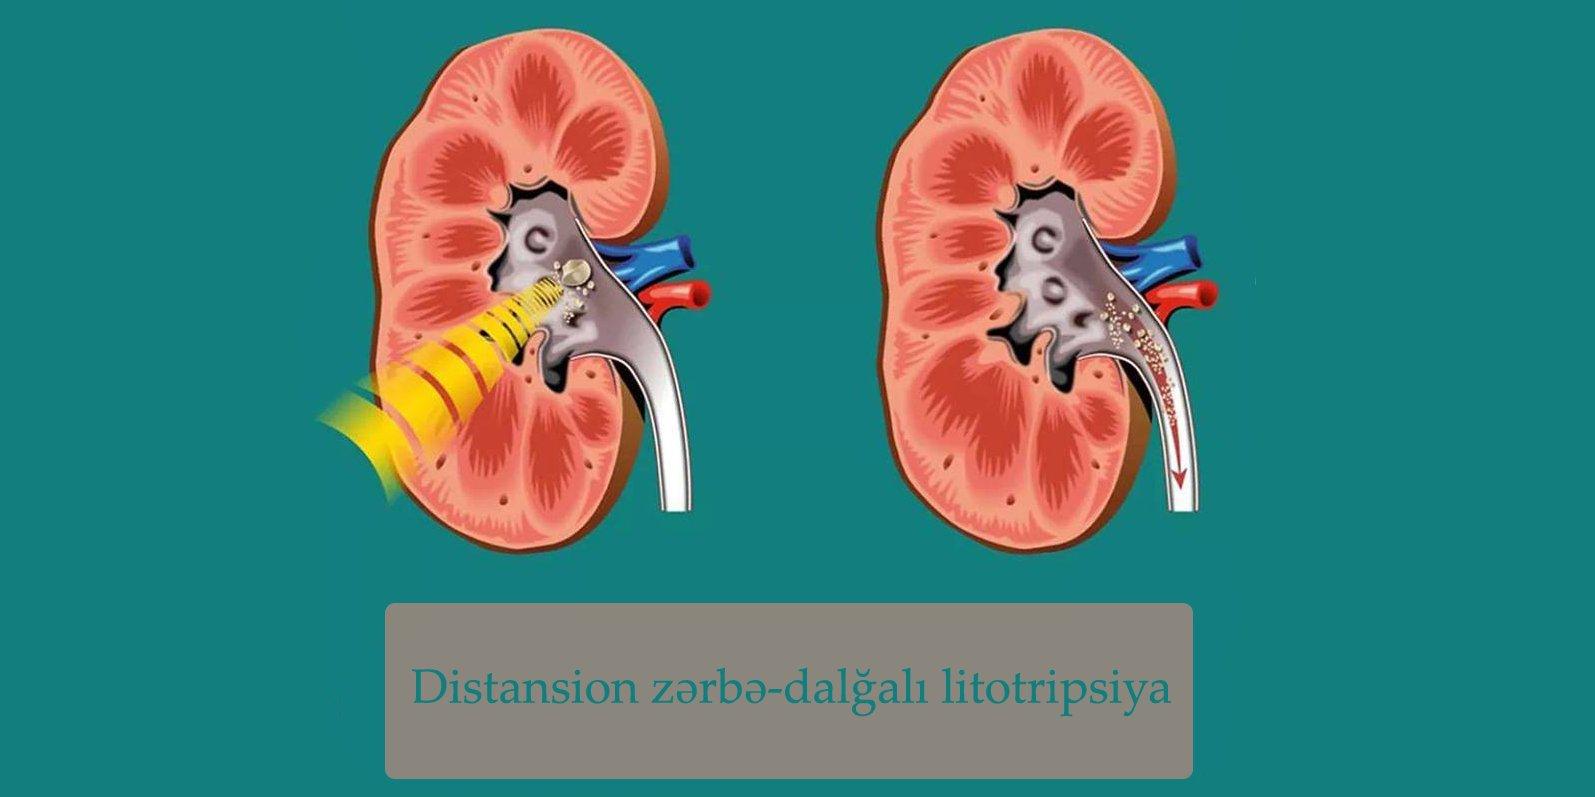 Distansion zərbə-dalğalı litotripsiya